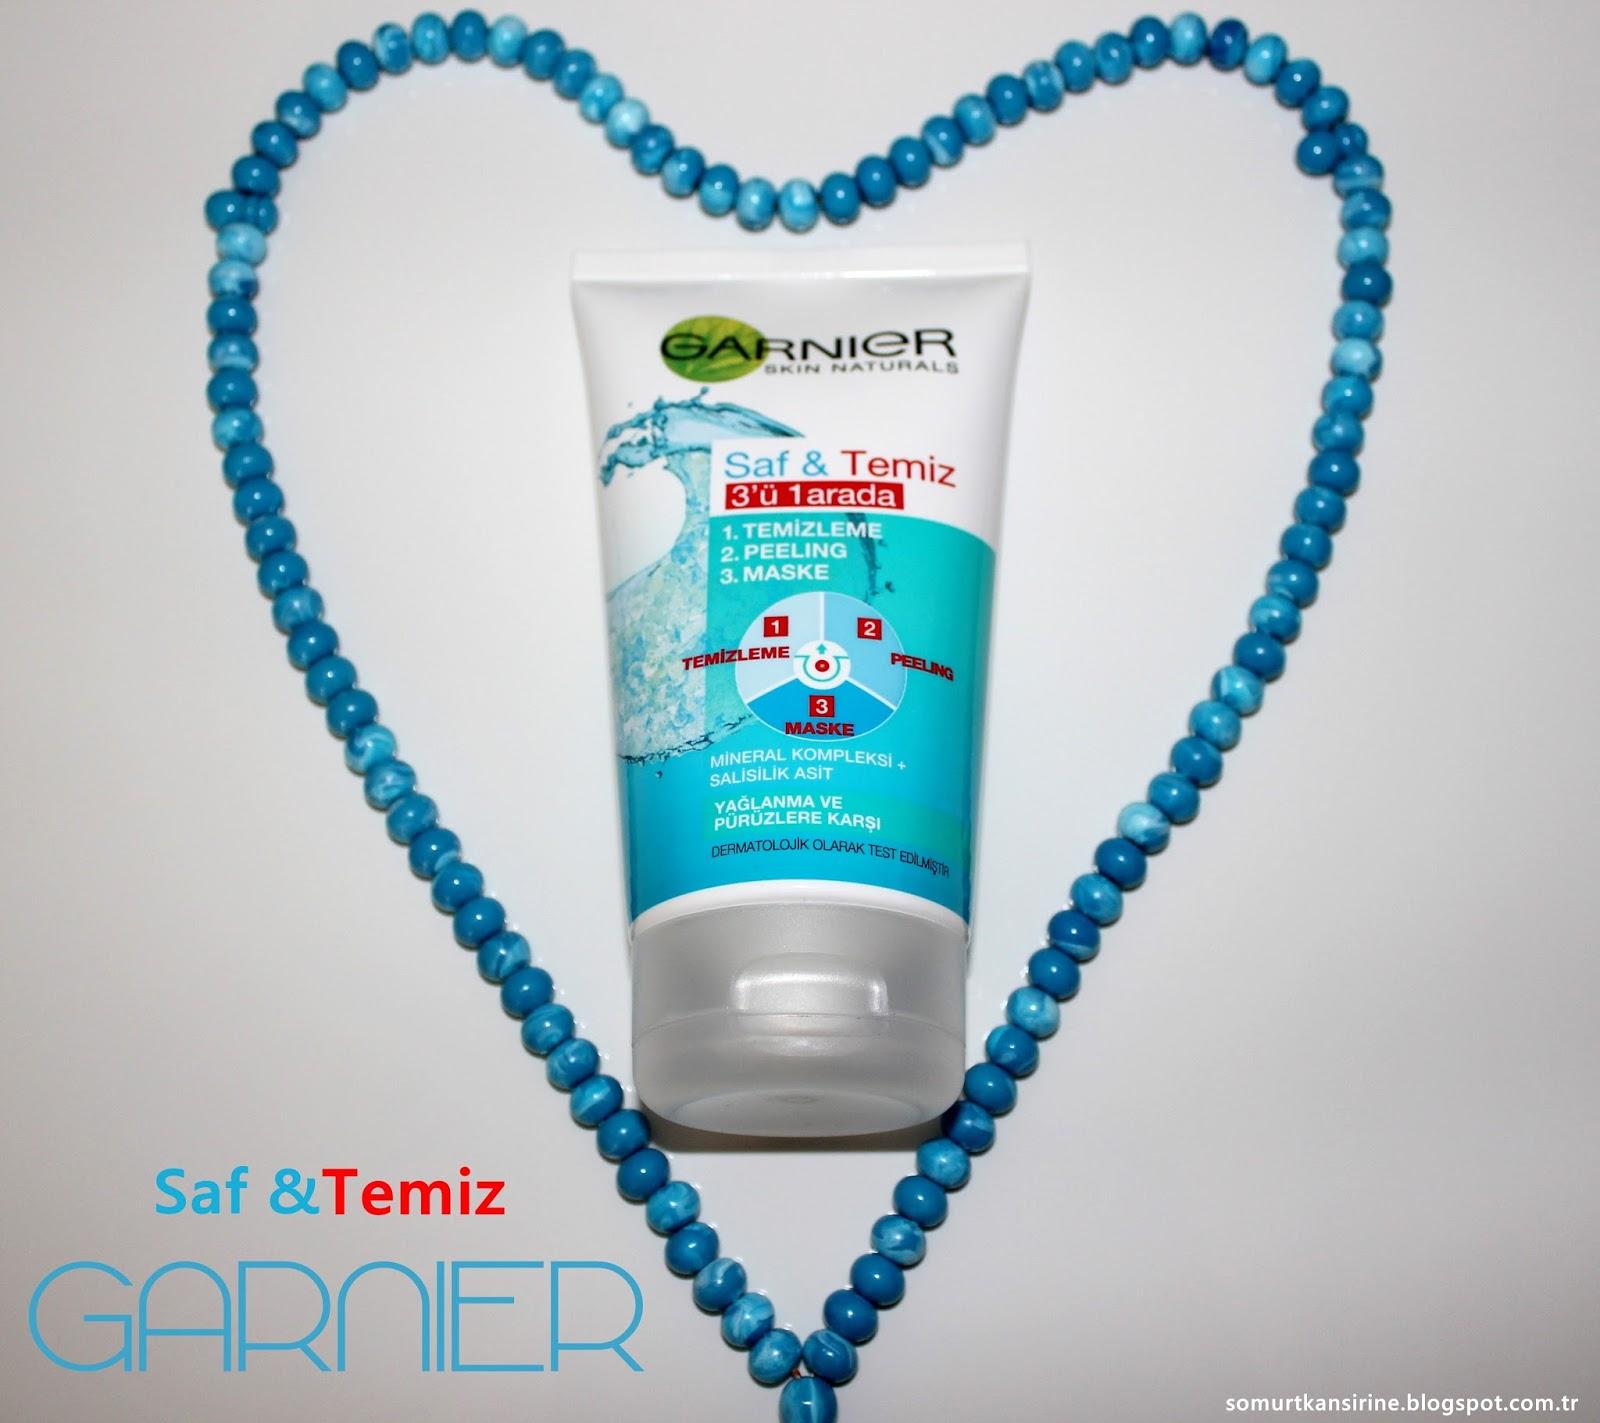 Garnier Saf & Temiz 3'ü 1 Arada